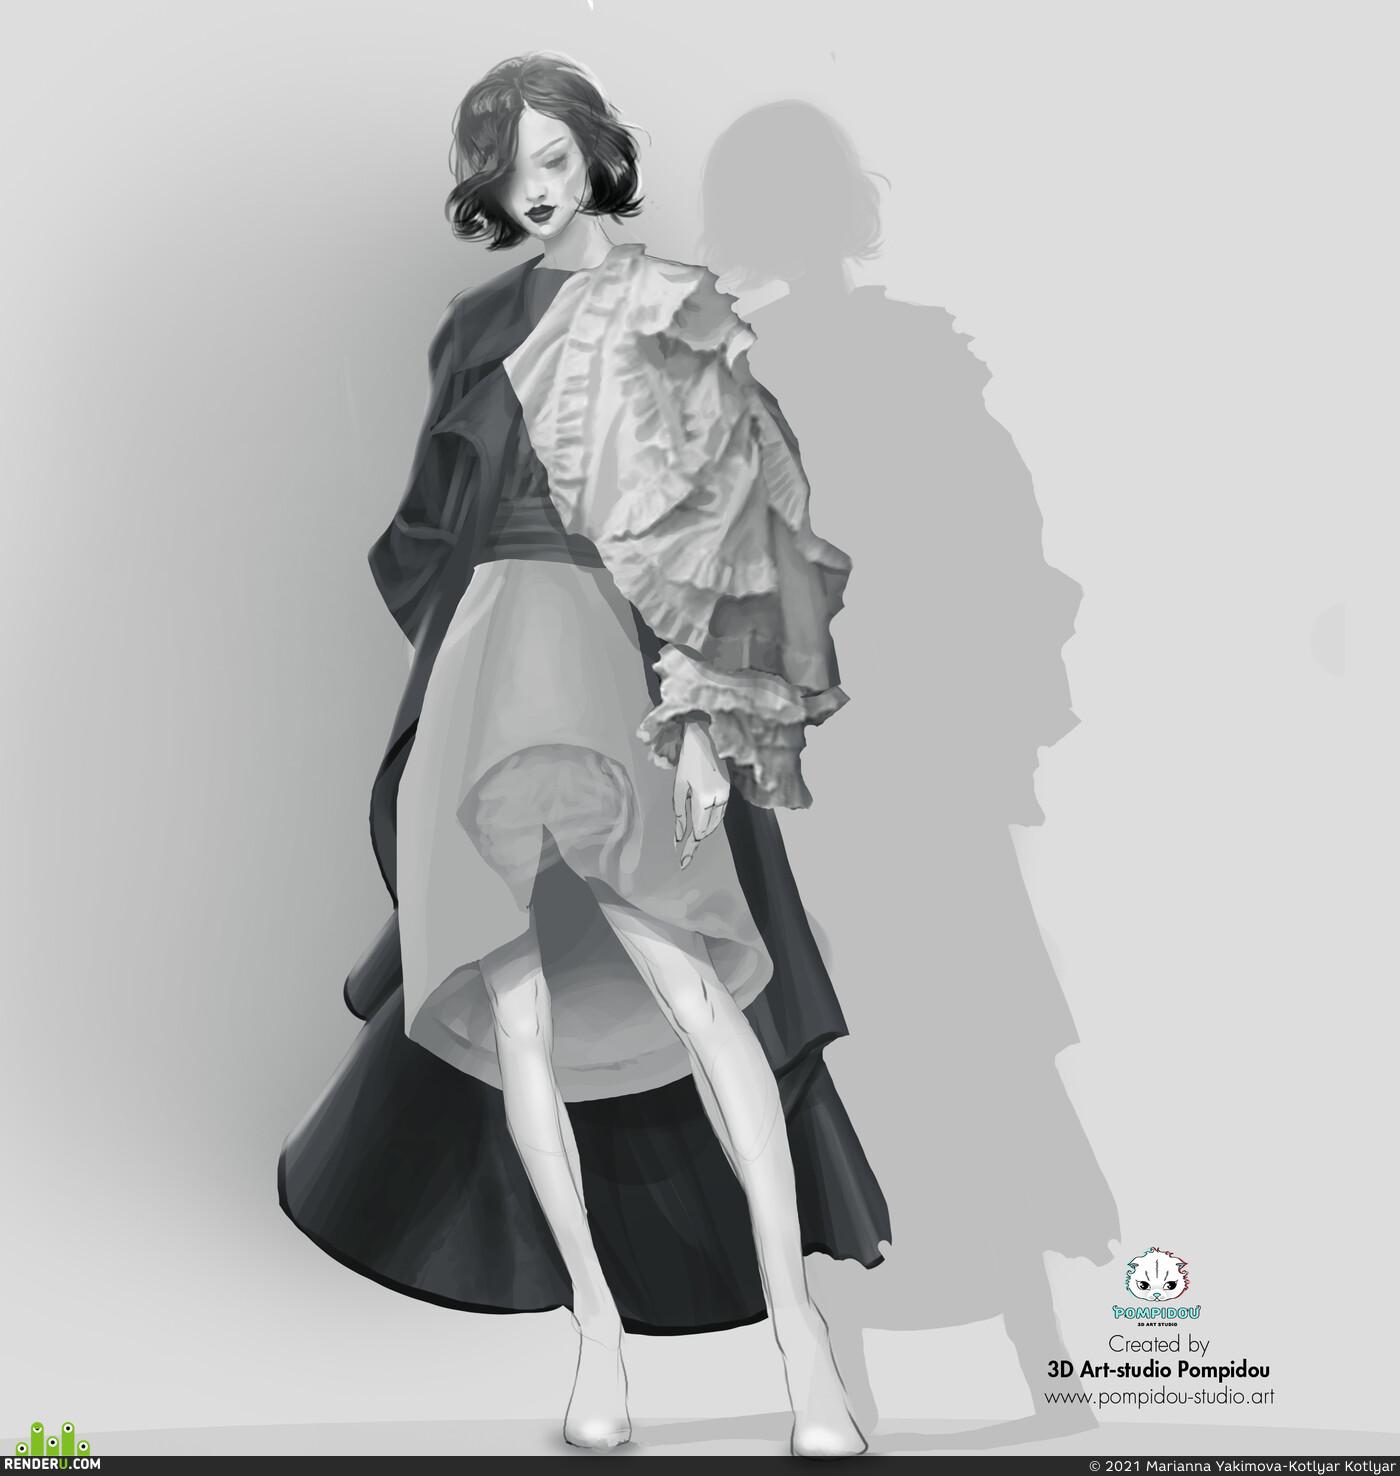 3д модели, Анимация, 3д одежда, 3д моделирование, девушка, 3d уроки на русском, marvelous designer 9